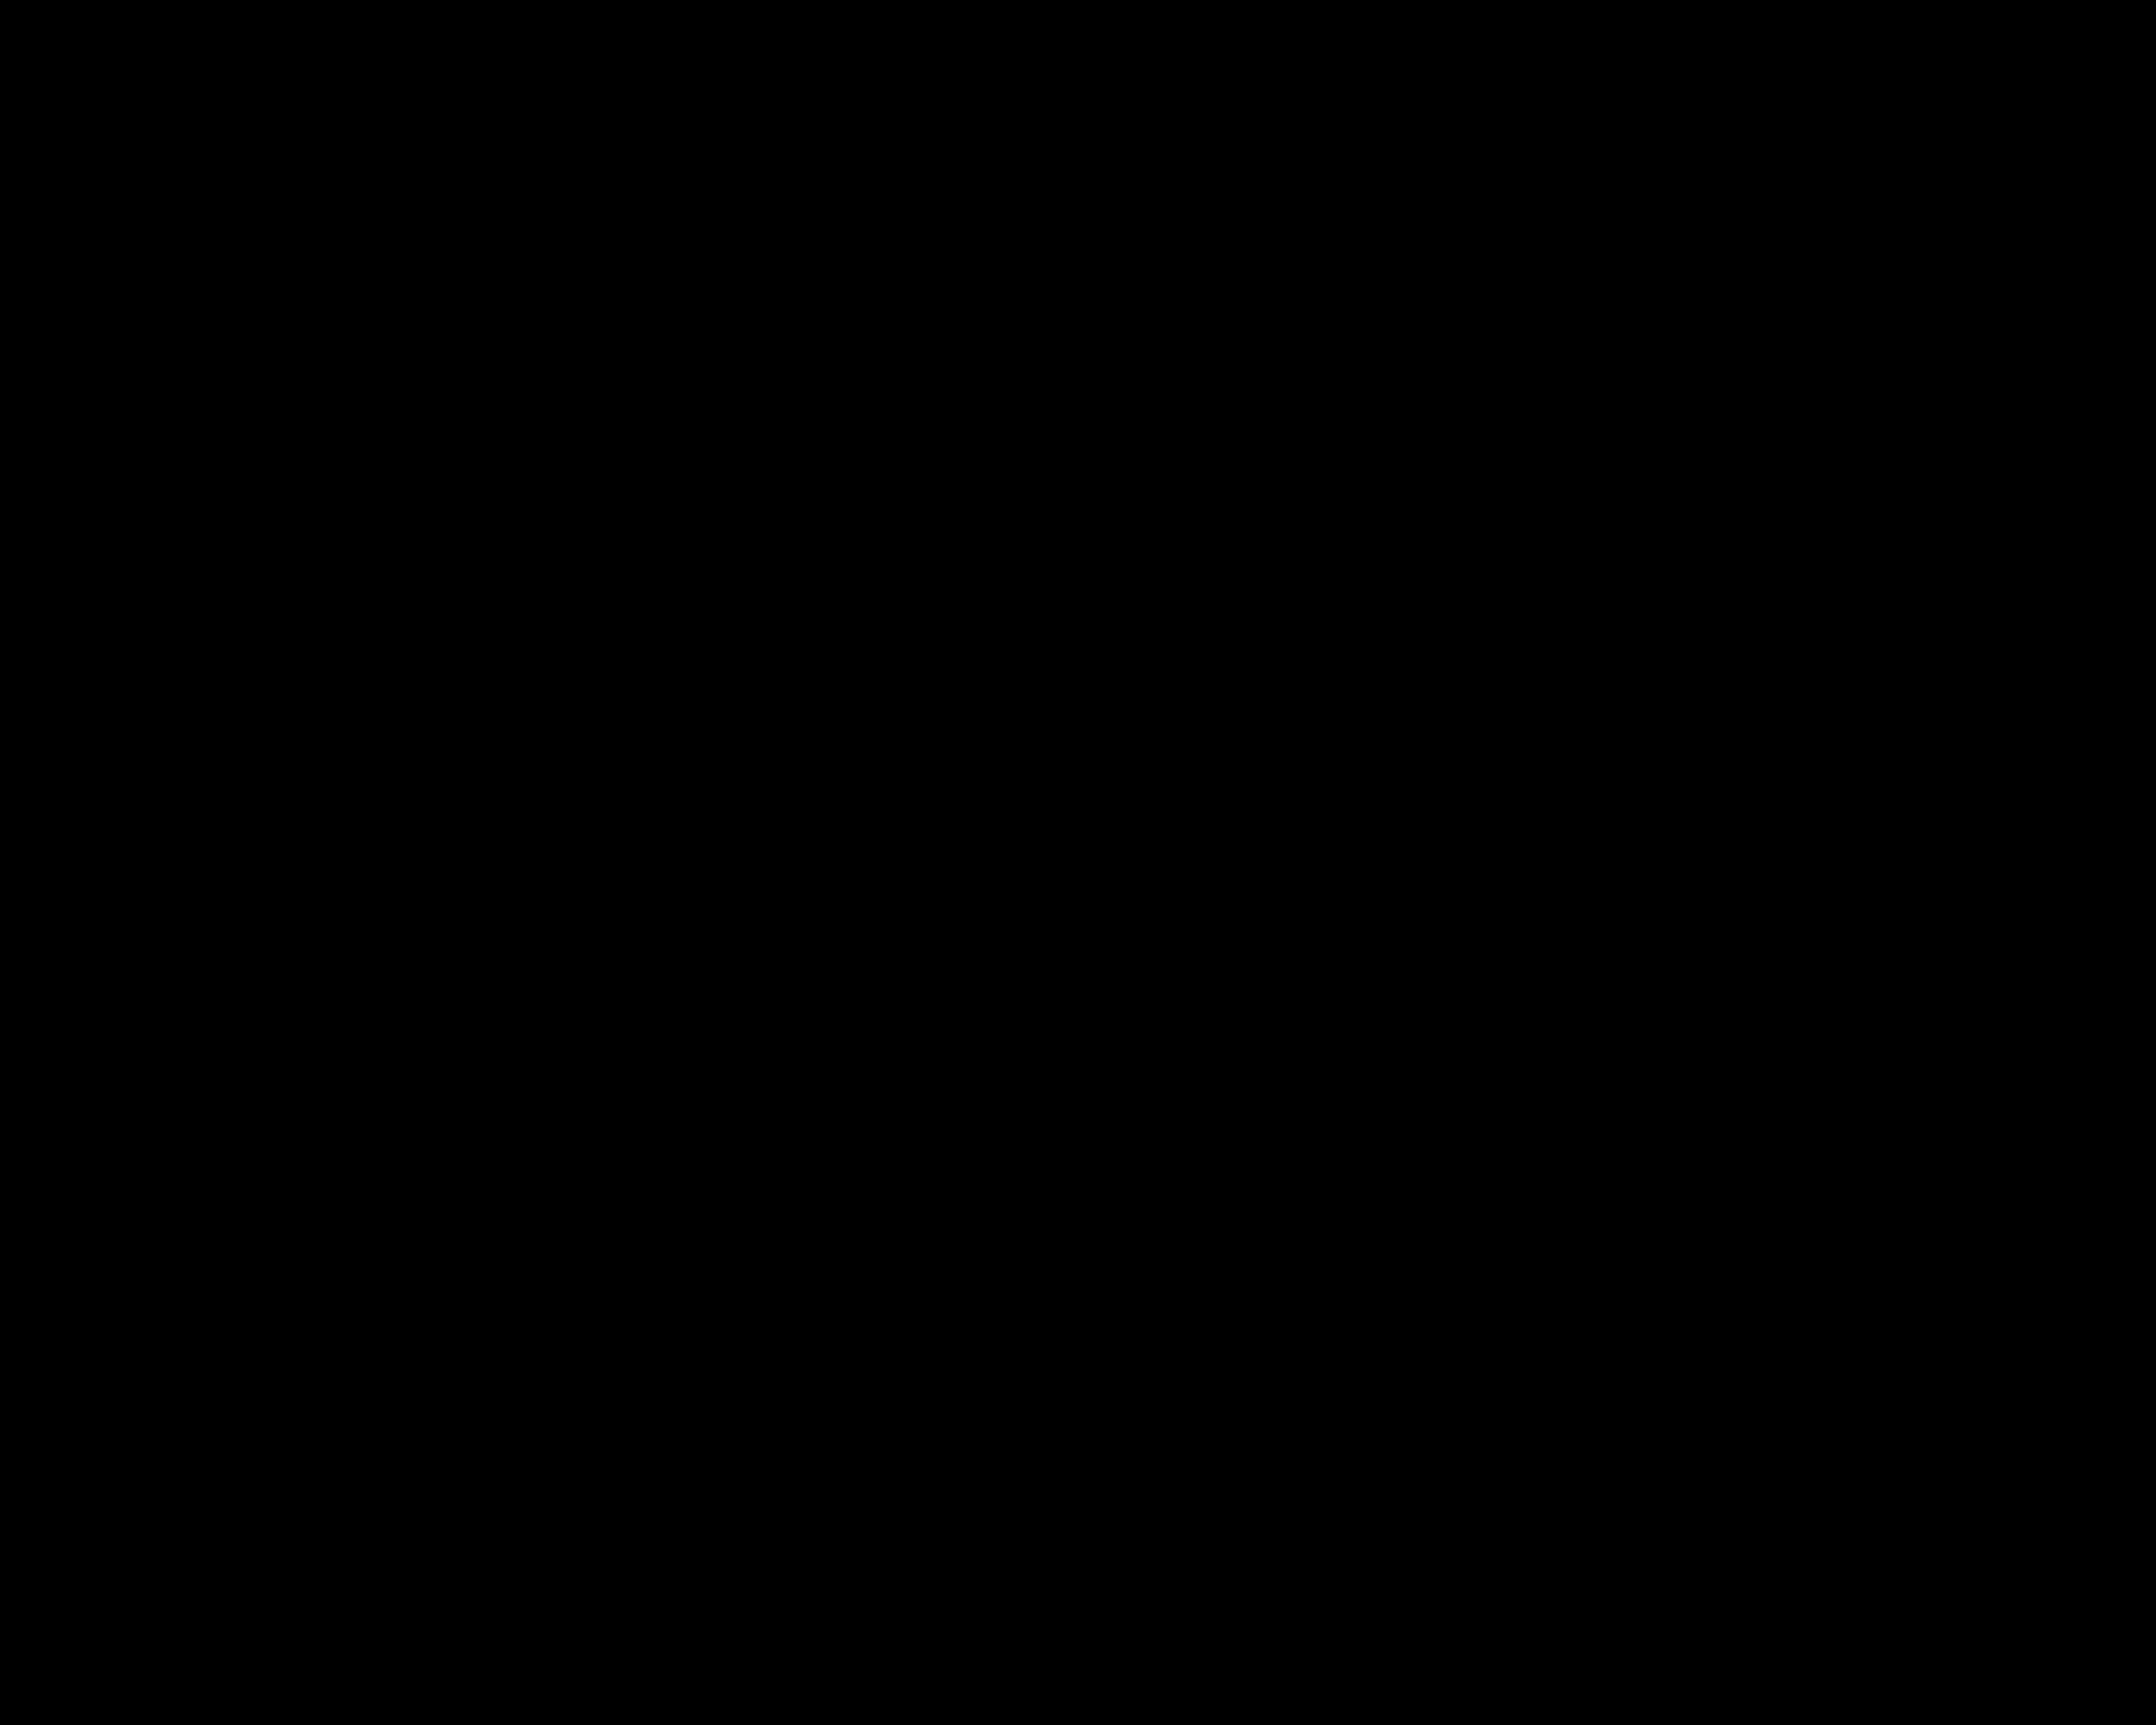 Blauer Teppich By KISKAN PROCESS, Orientteppich, Gefärbter Teppich,  Wohnzimmer, Zimmer, Modern